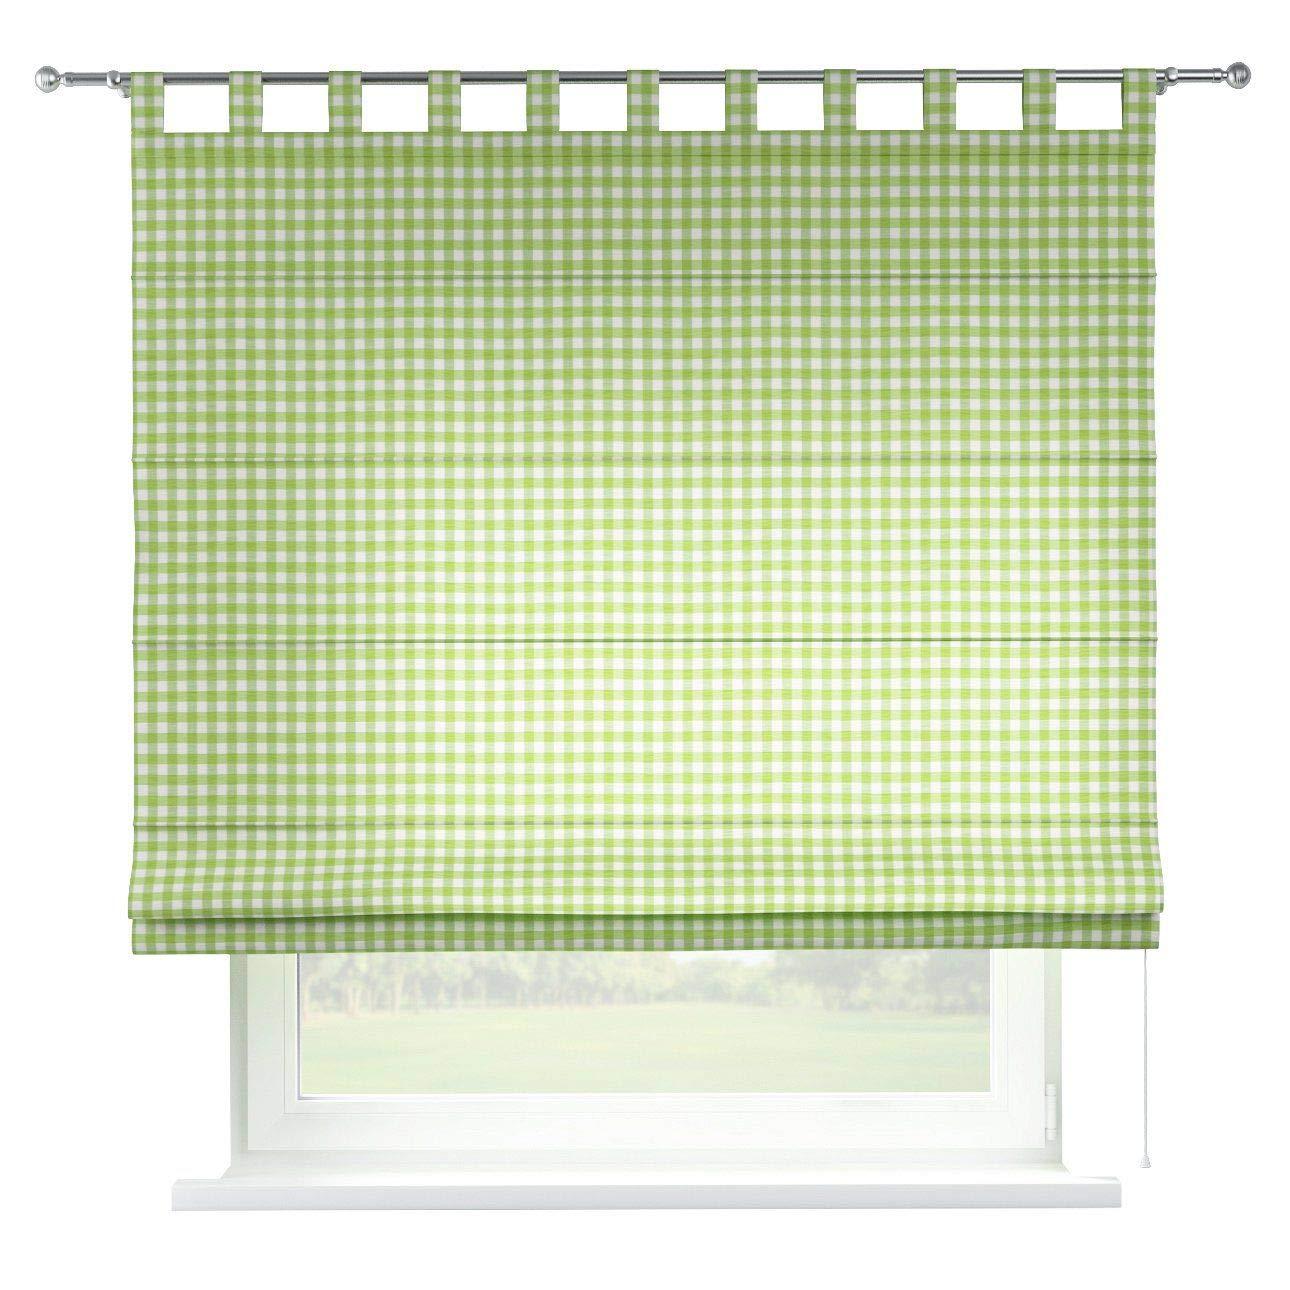 Dekoria Raffrollo Verona ohne Bohren Blickdicht Faltvorhang Raffgardine Wohnzimmer Schlafzimmer Kinderzimmer 160 × 170 cm Weiss-grün kariert Raffrollos auf Maß maßanfertigung möglich